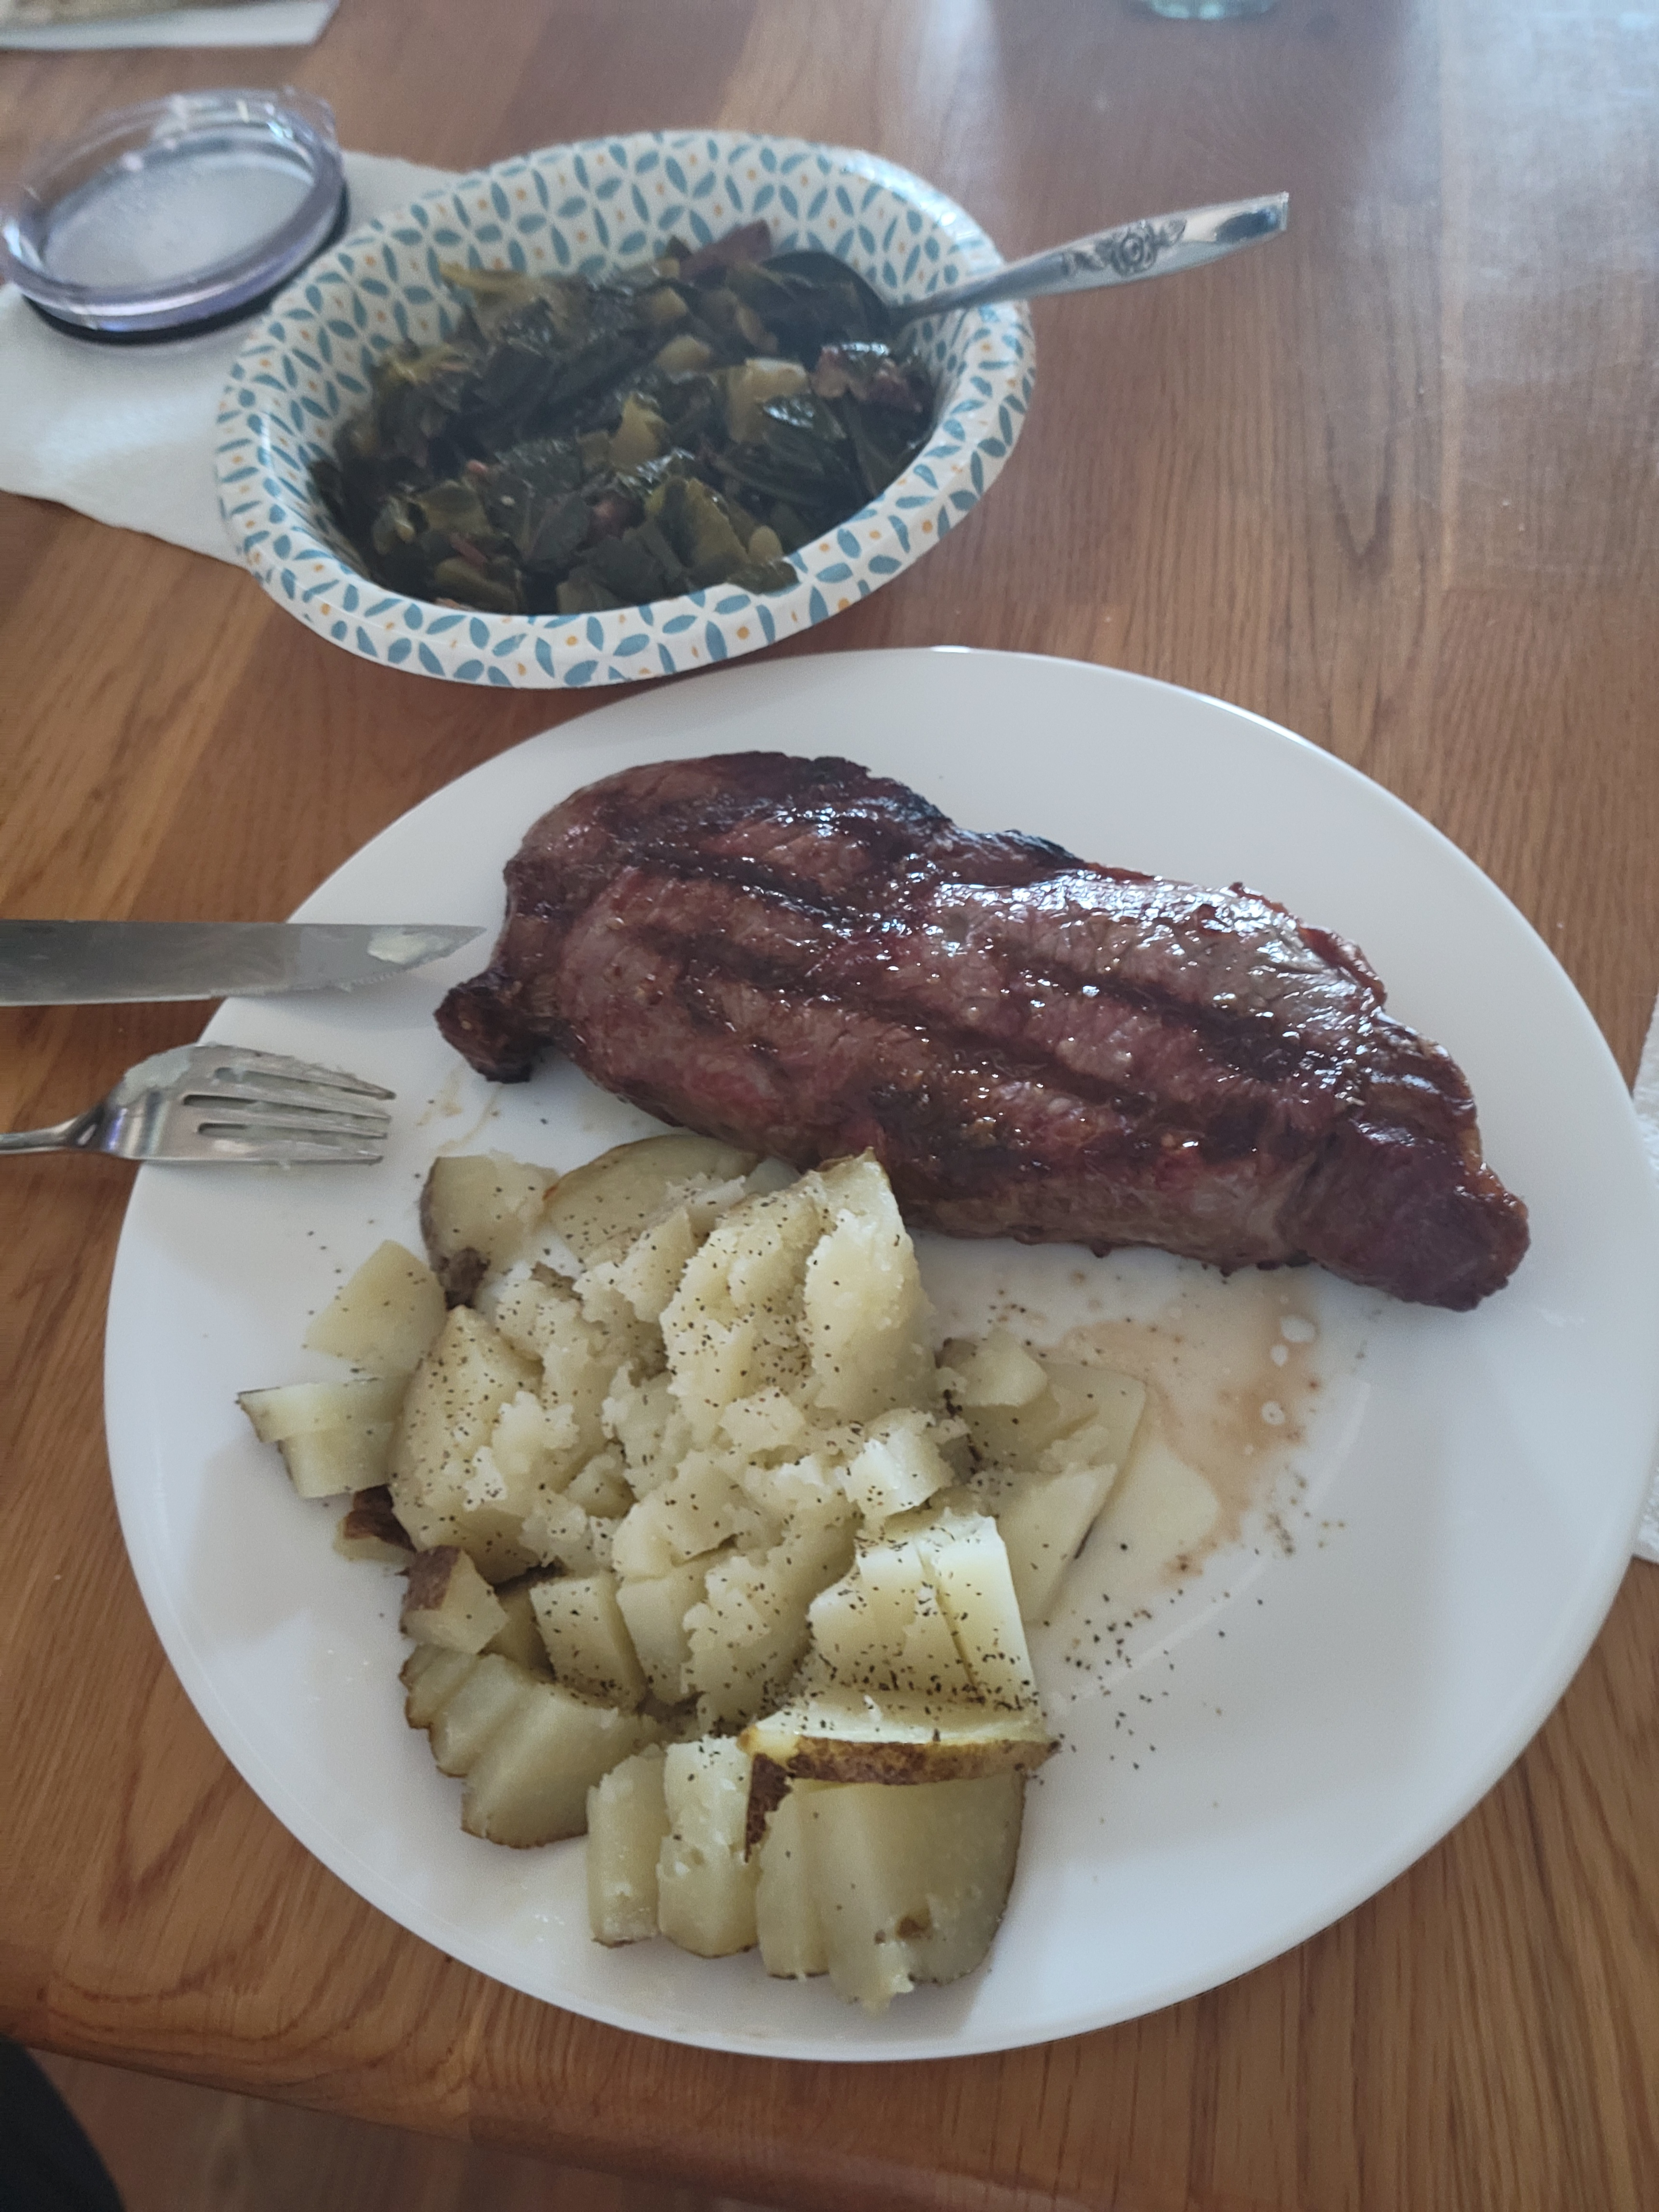 Steak dinner 5/9/2021